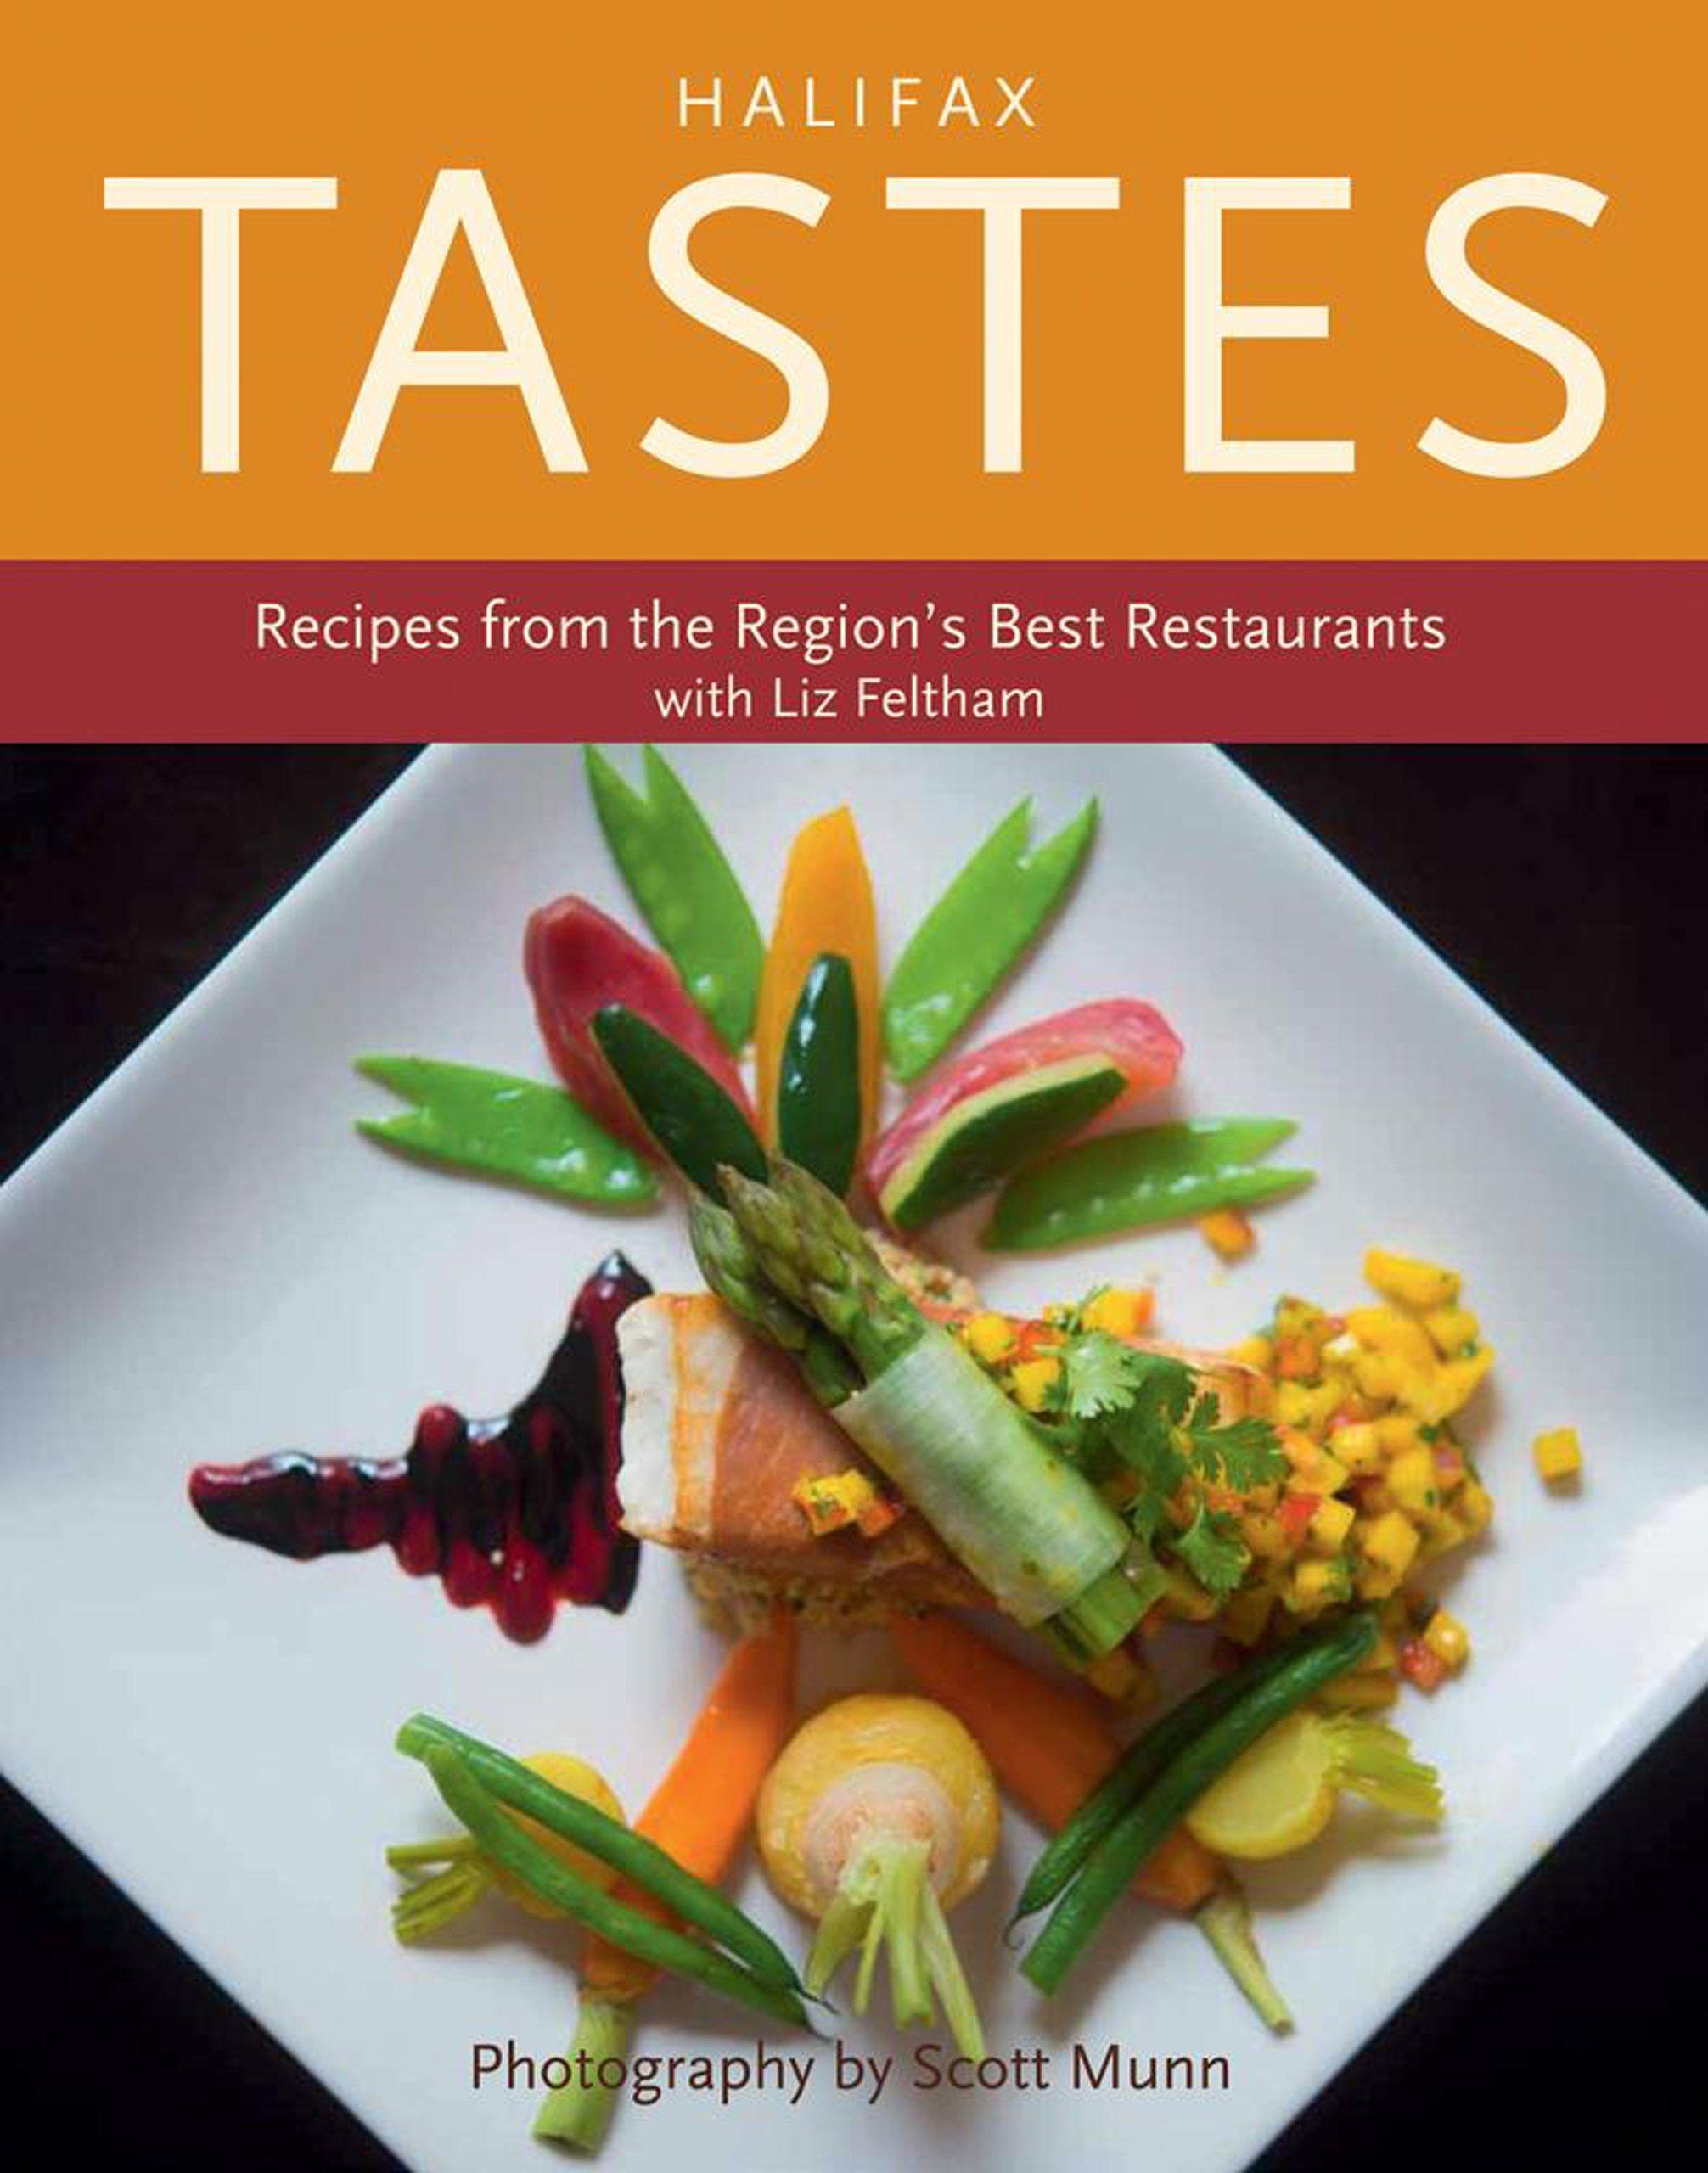 Halifax Tastes by Liz Feltham